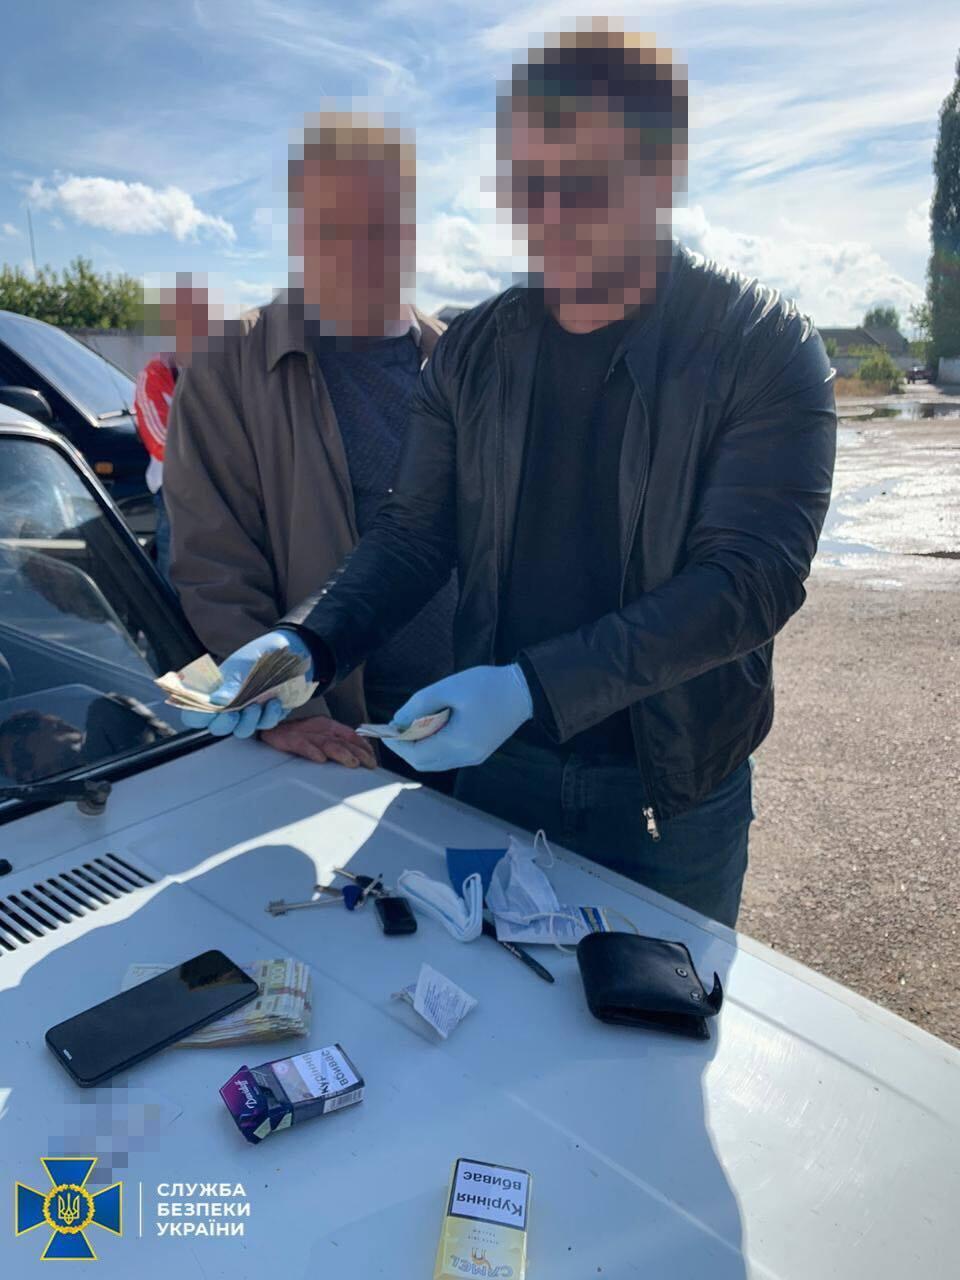 СБУ задержала на взятке чиновника мэрии Подольска